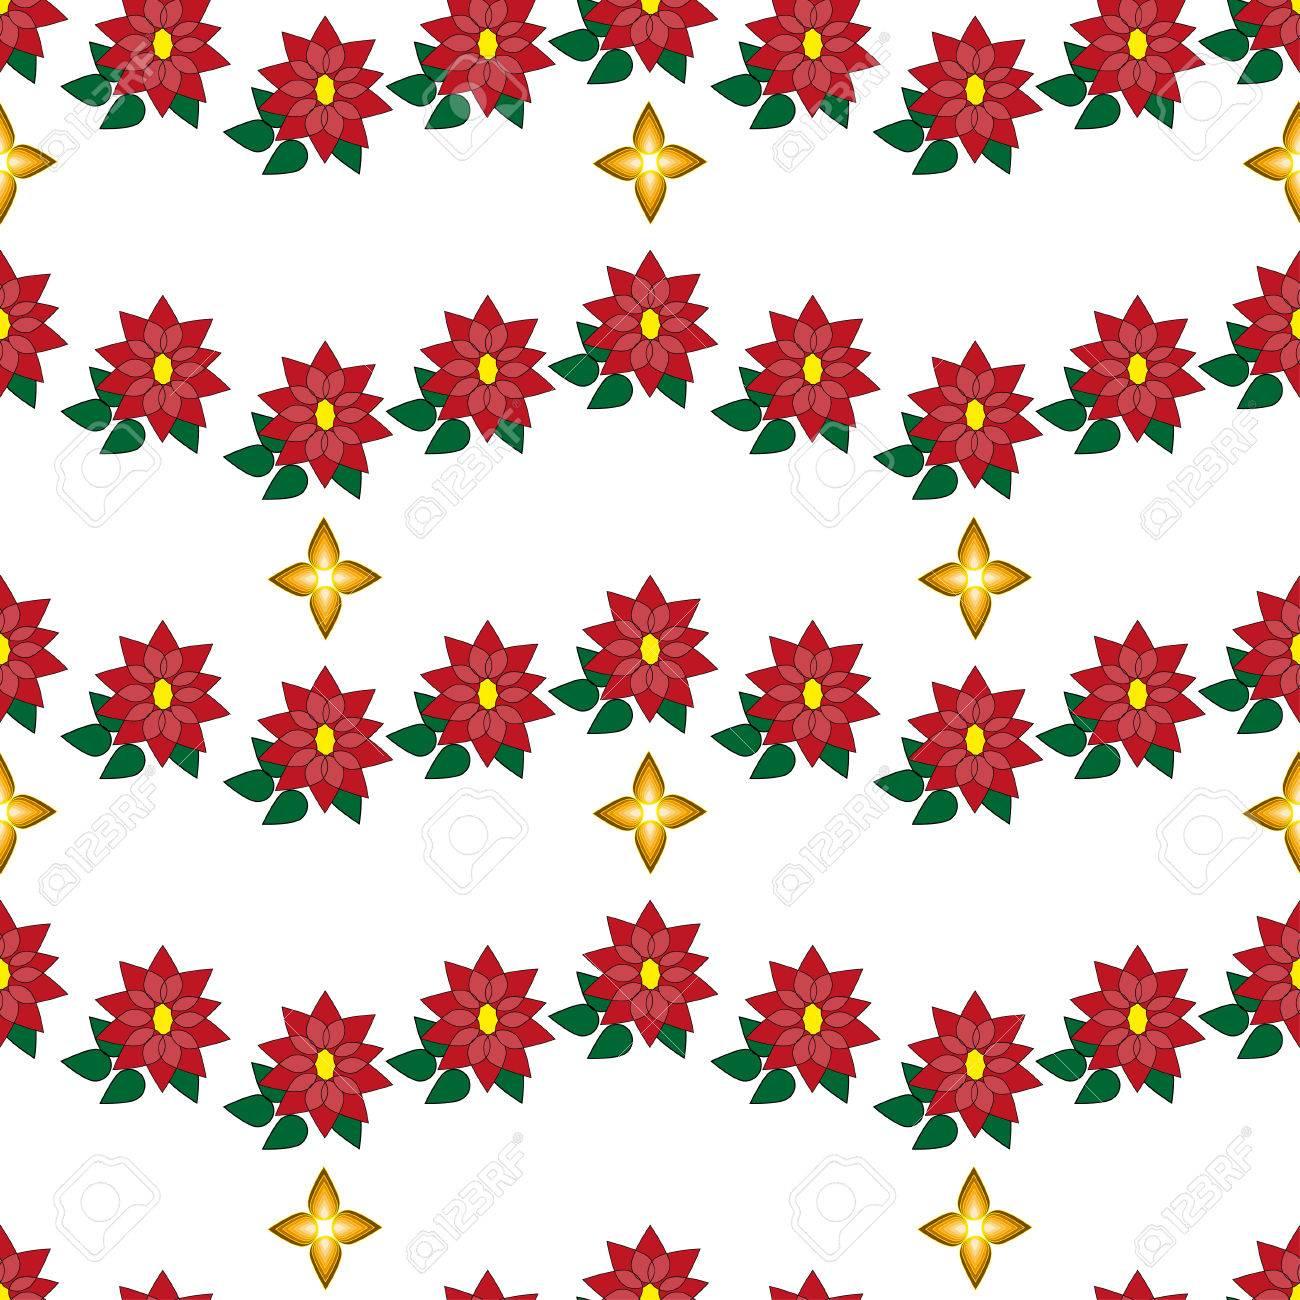 Stella Di Natale Cartamodello.Vector Il Modello Senza Cuciture Di Natale Con La Stella Di Natale Su Fondo Bianco Puo Essere Utilizzato Per Carta Da Parati Sfondo Della Pagina